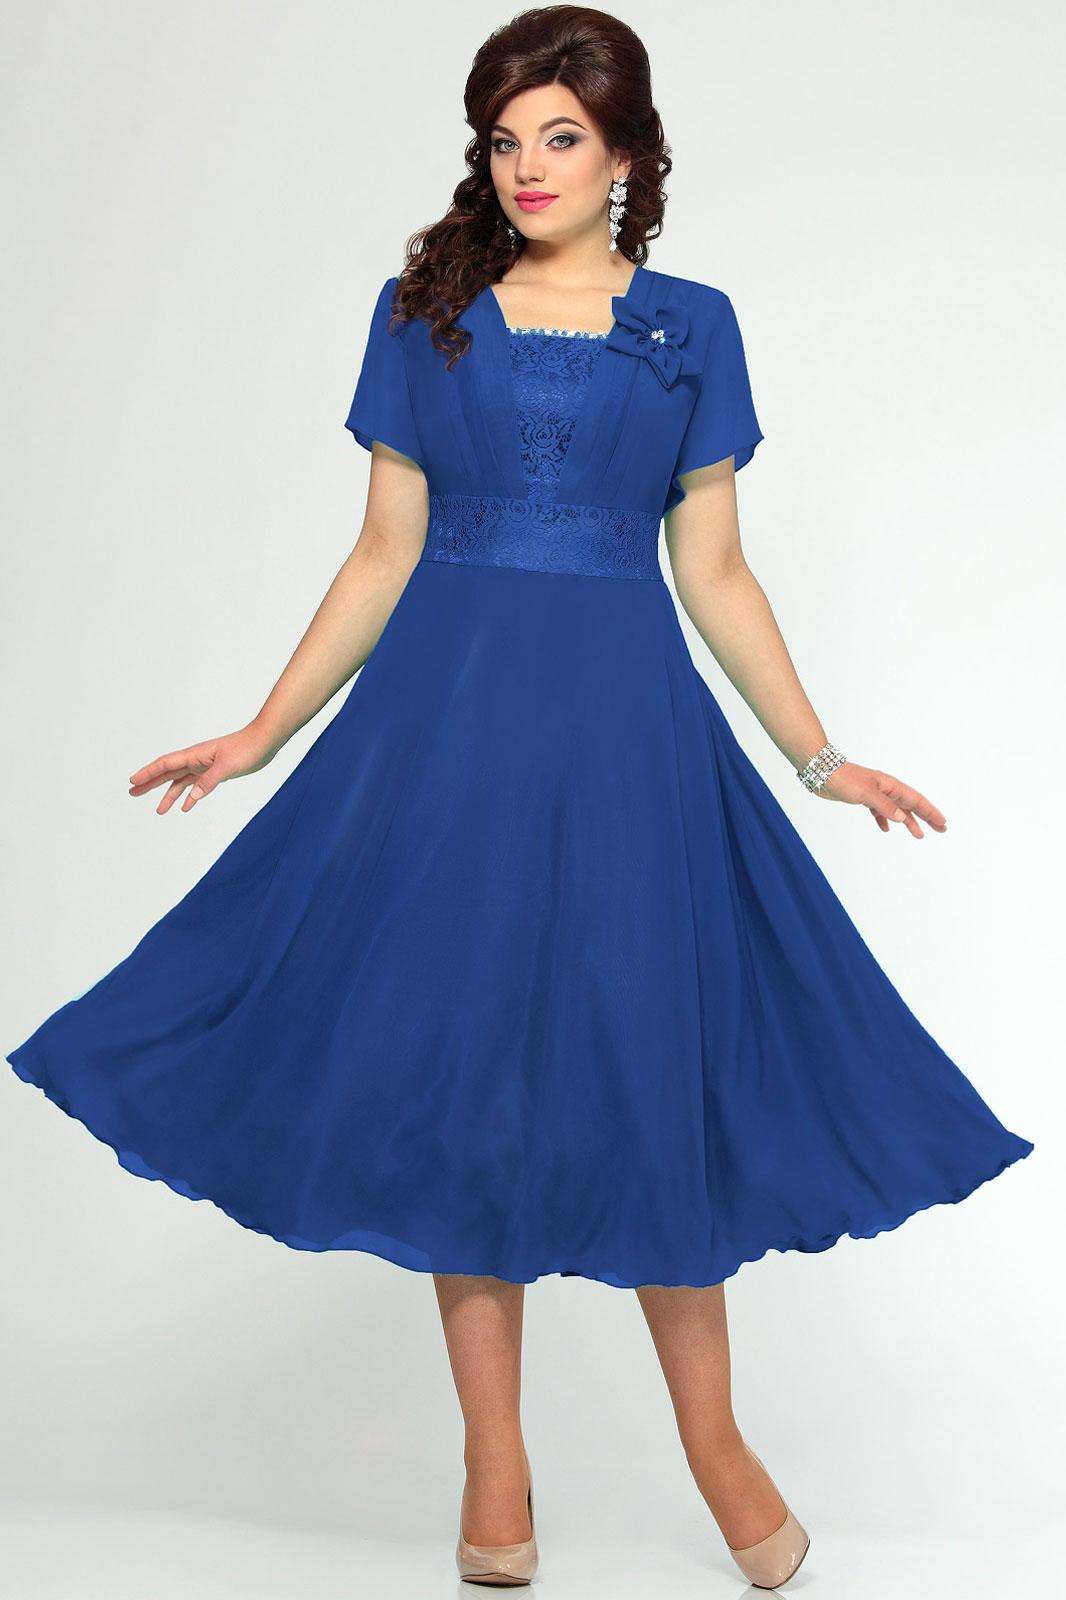 96583681c79f9c9 Платье из шифона для женщины 50 лет, особенности и трендовые модели